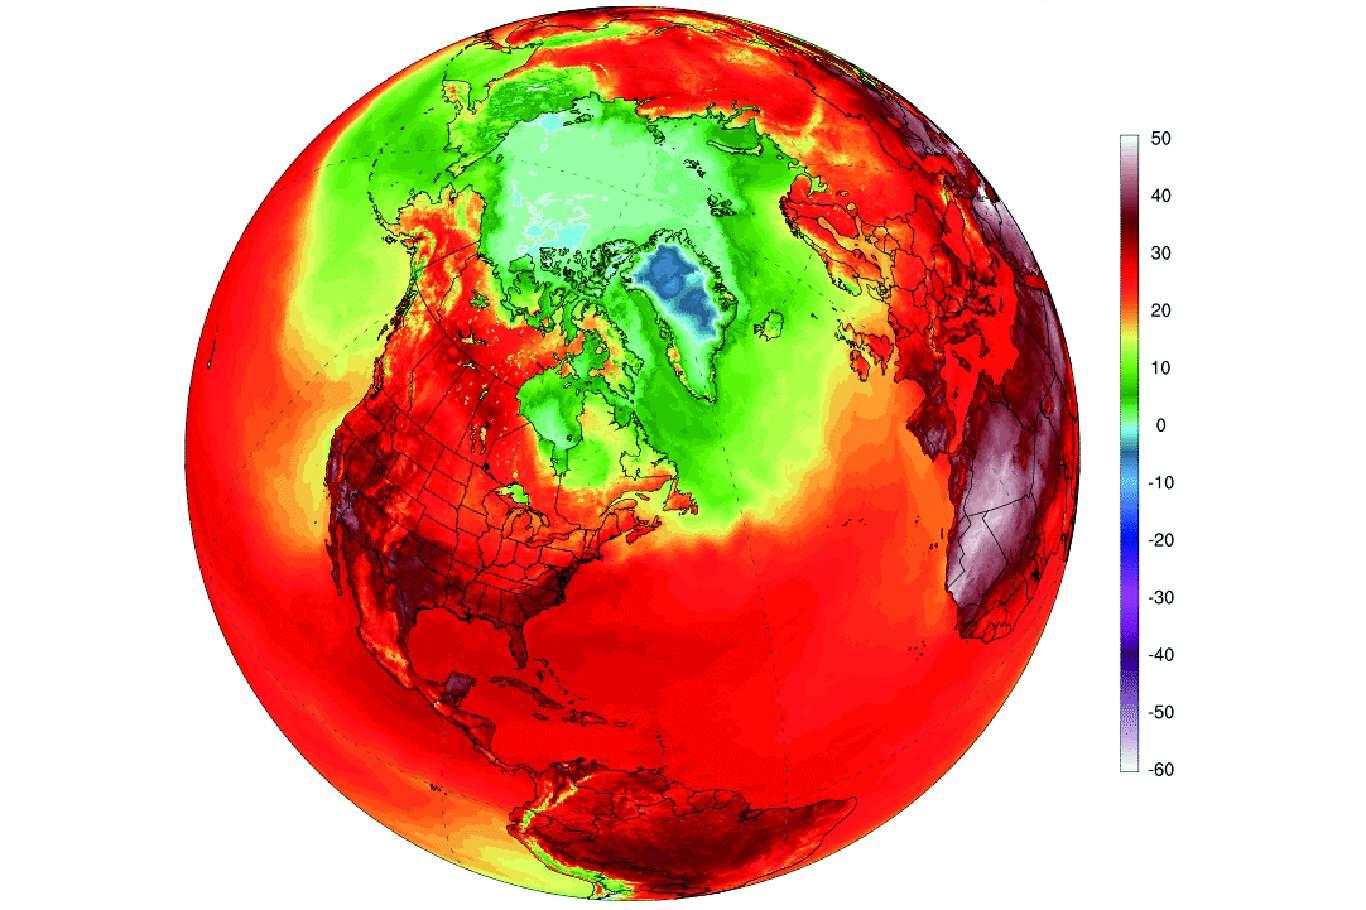 Dünya Meteoroloji Örgütü sıcak hava dalgalarının artık daha sık görüleceğini açıkladı